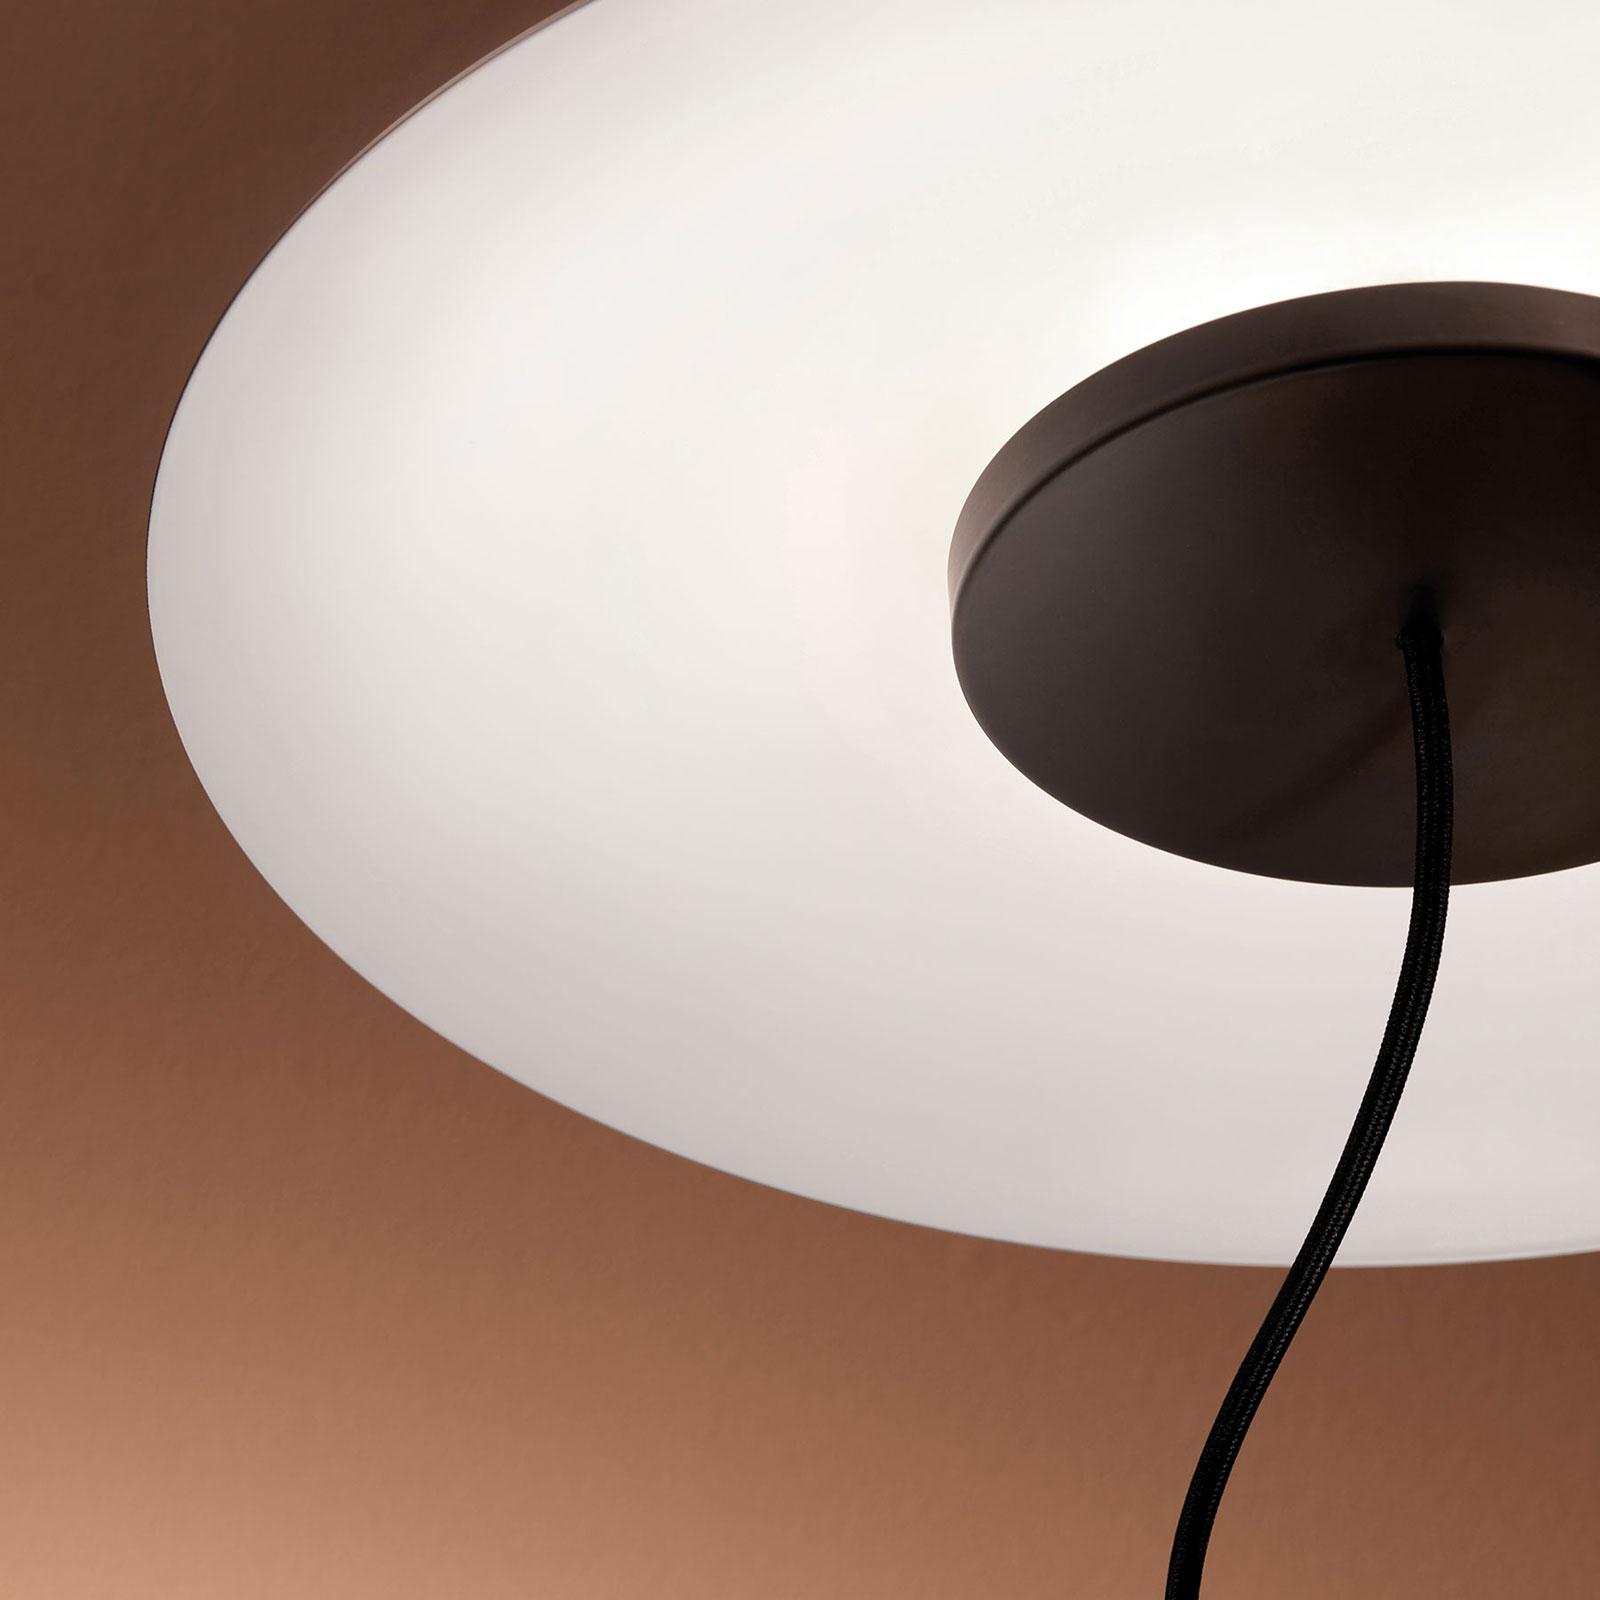 LEDS-C4 Noway Single lampadaire LED, doré